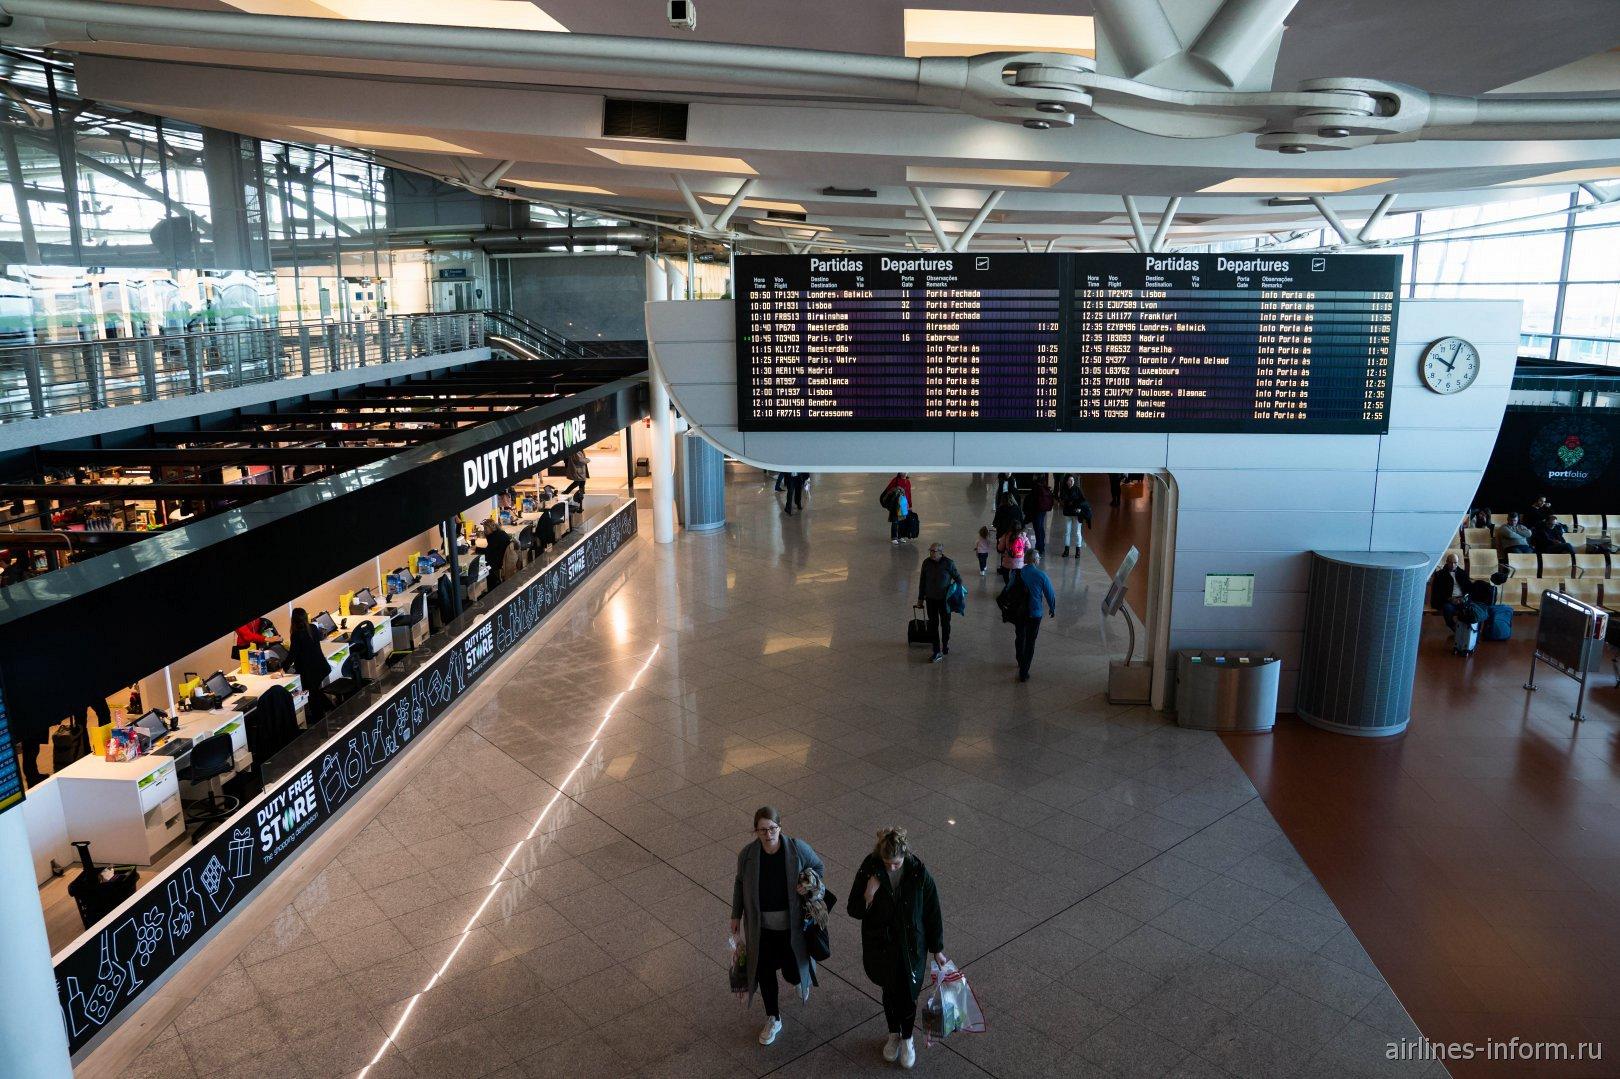 Табло вылетов в чистой зоне аэропорта Порту Франсишку са Карнейру